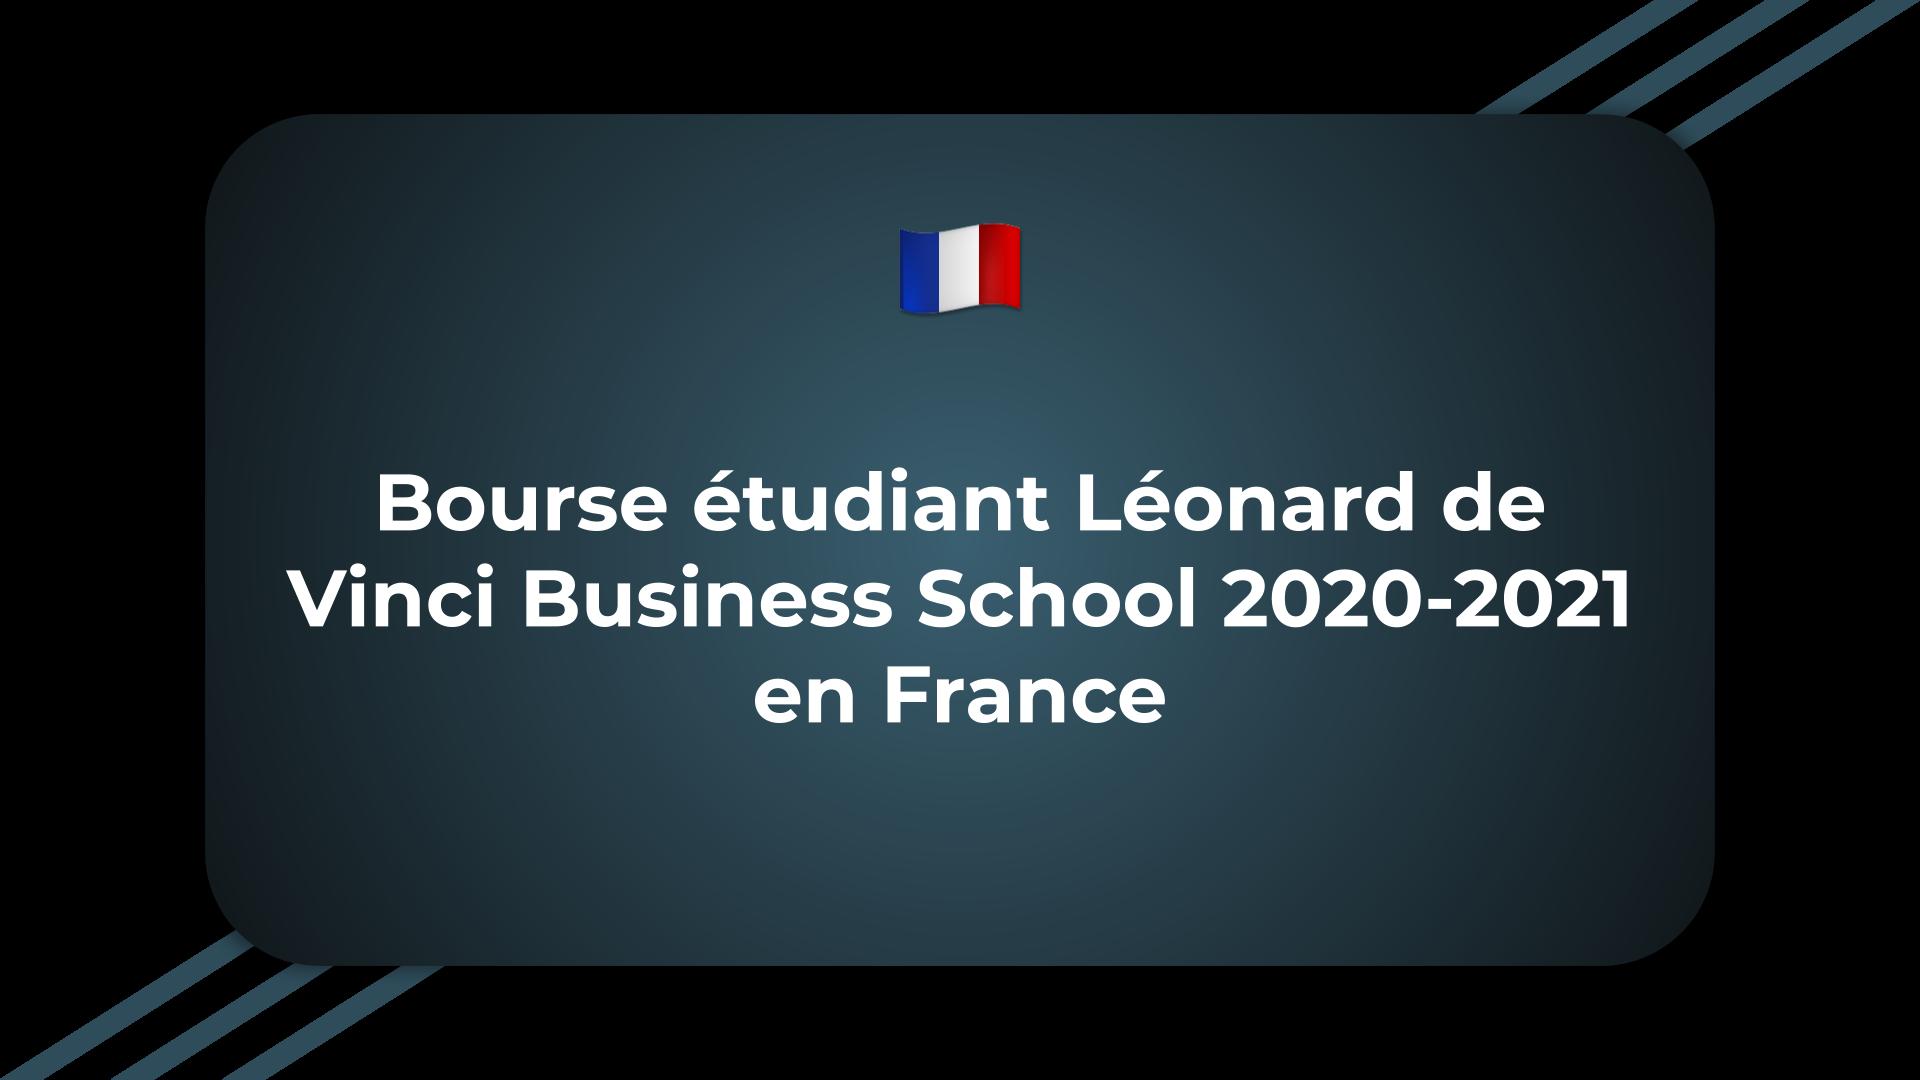 Bourse étudiant Léonard de Vinci Business School